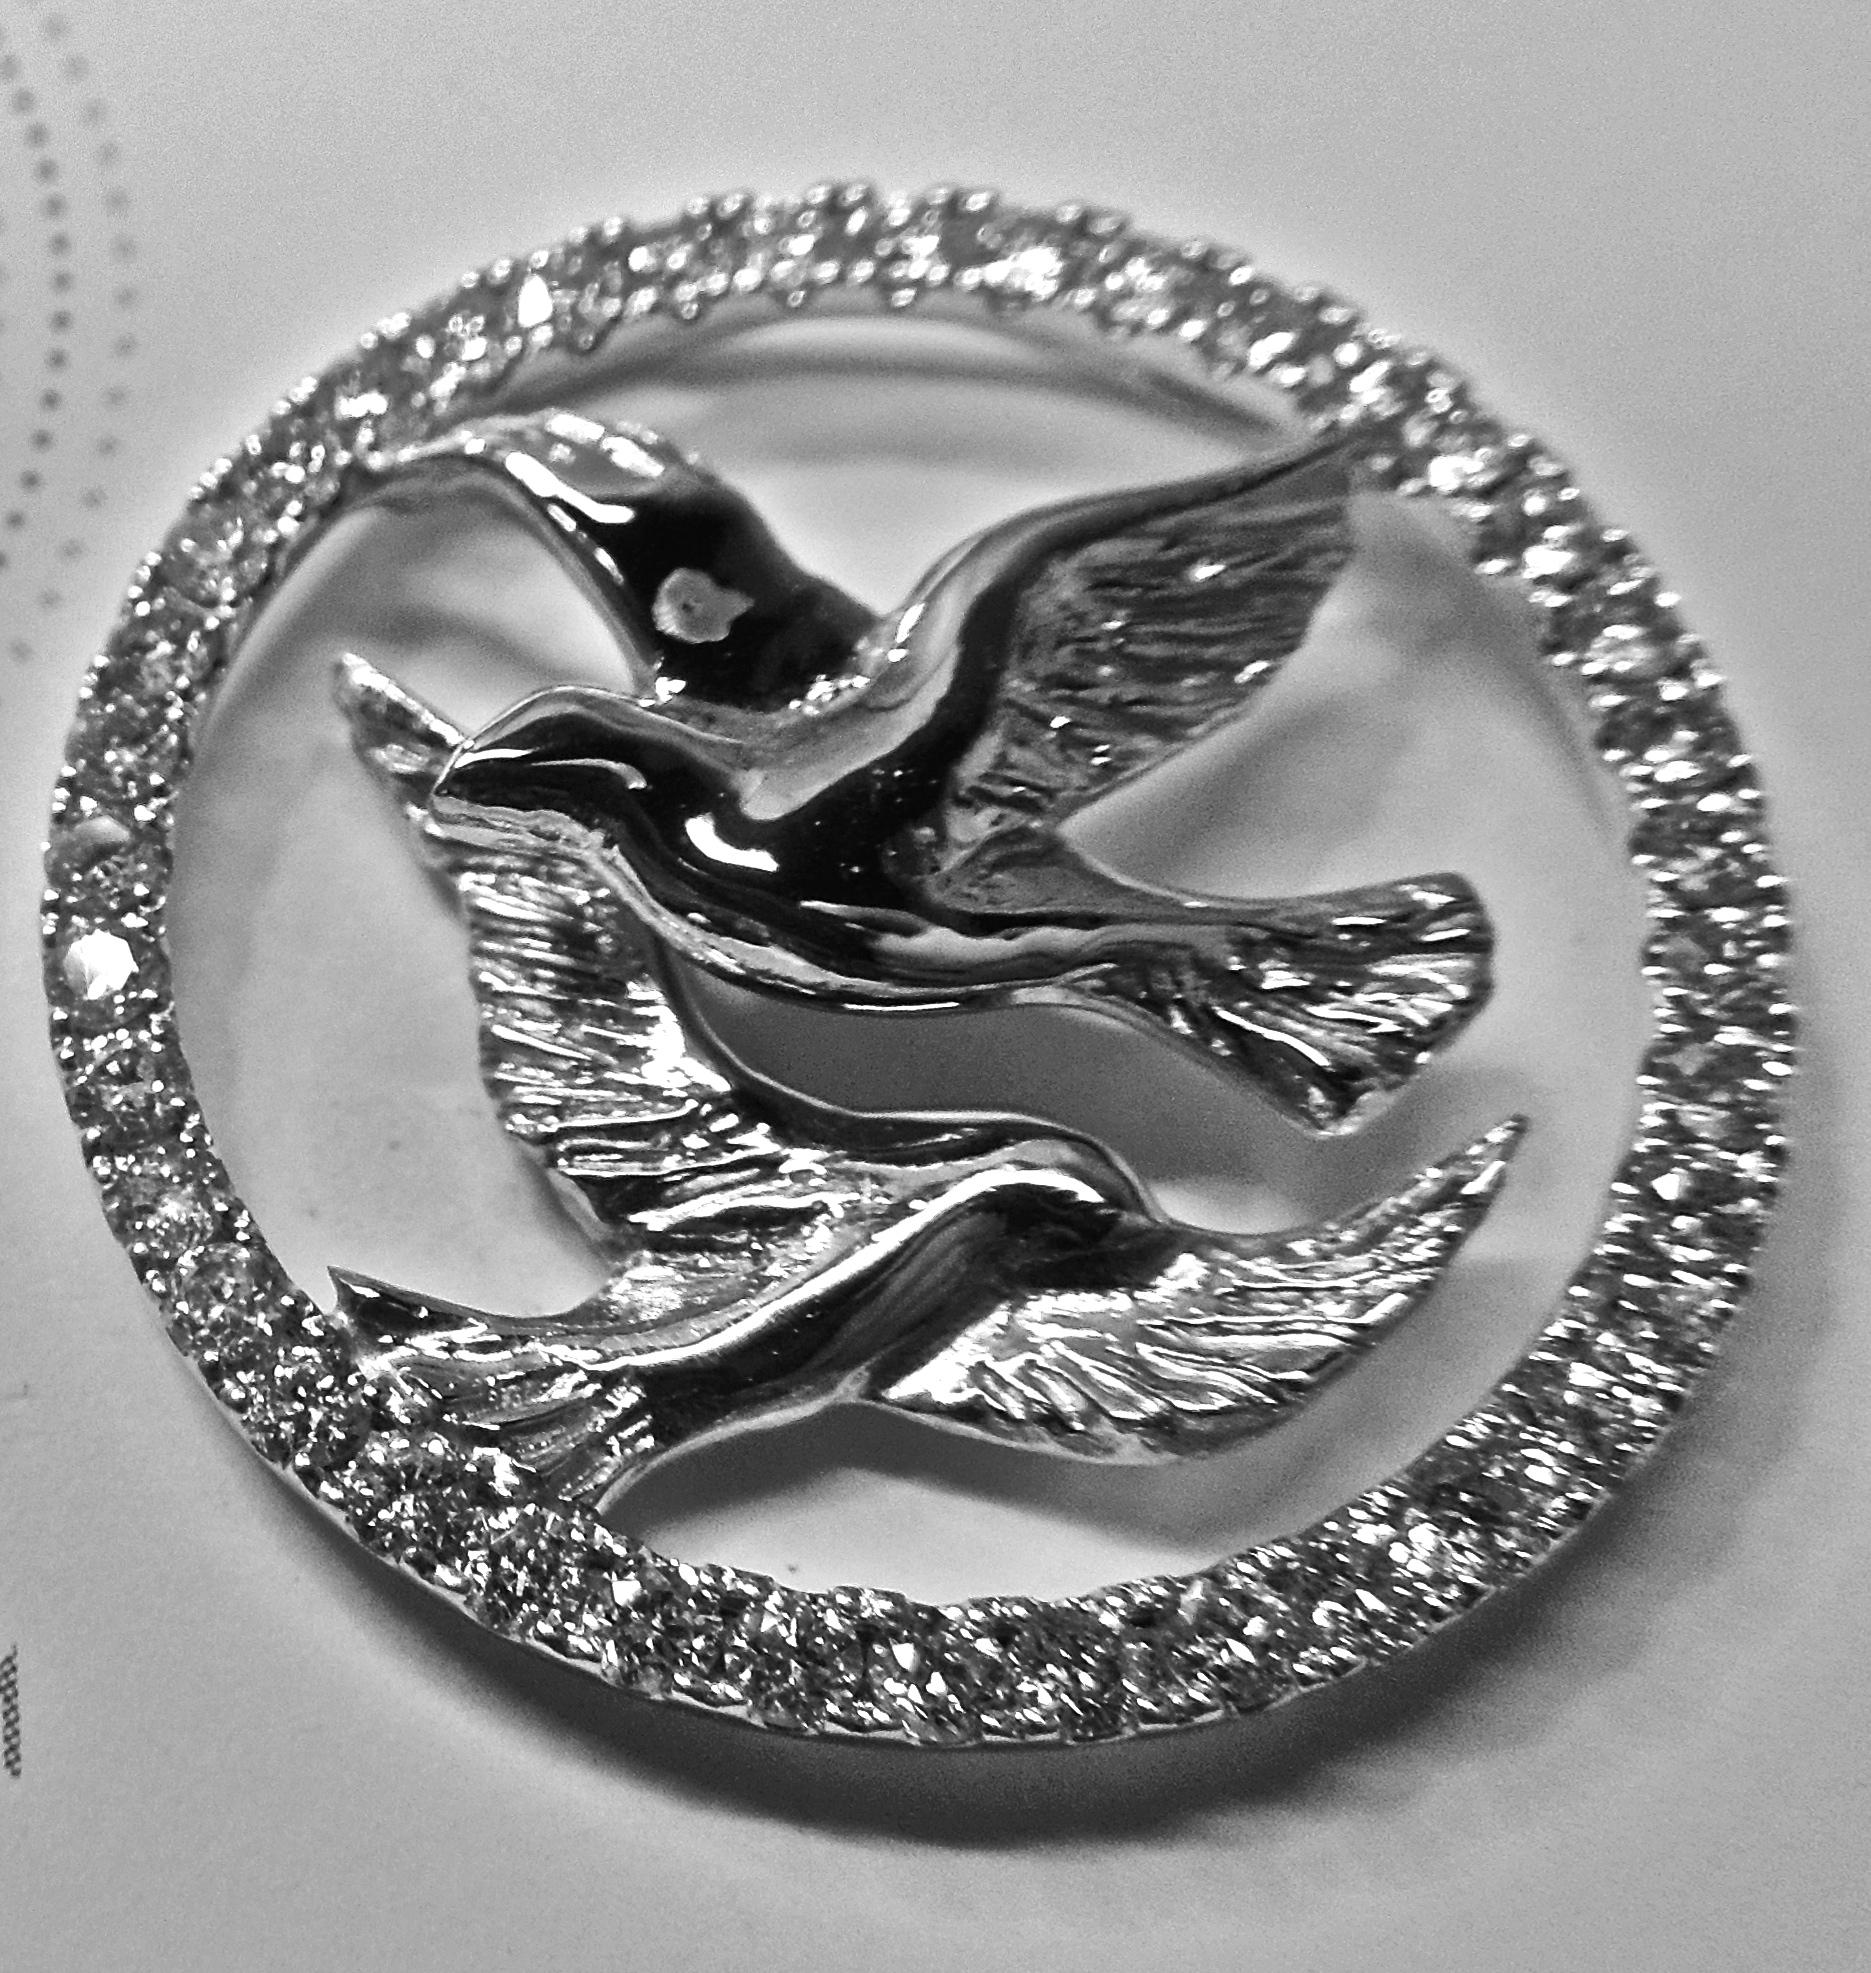 unique-custom-white-gold-pendant-diamond-halo-accents-craft-revival-jewelry-store-grand-rapids-michigan